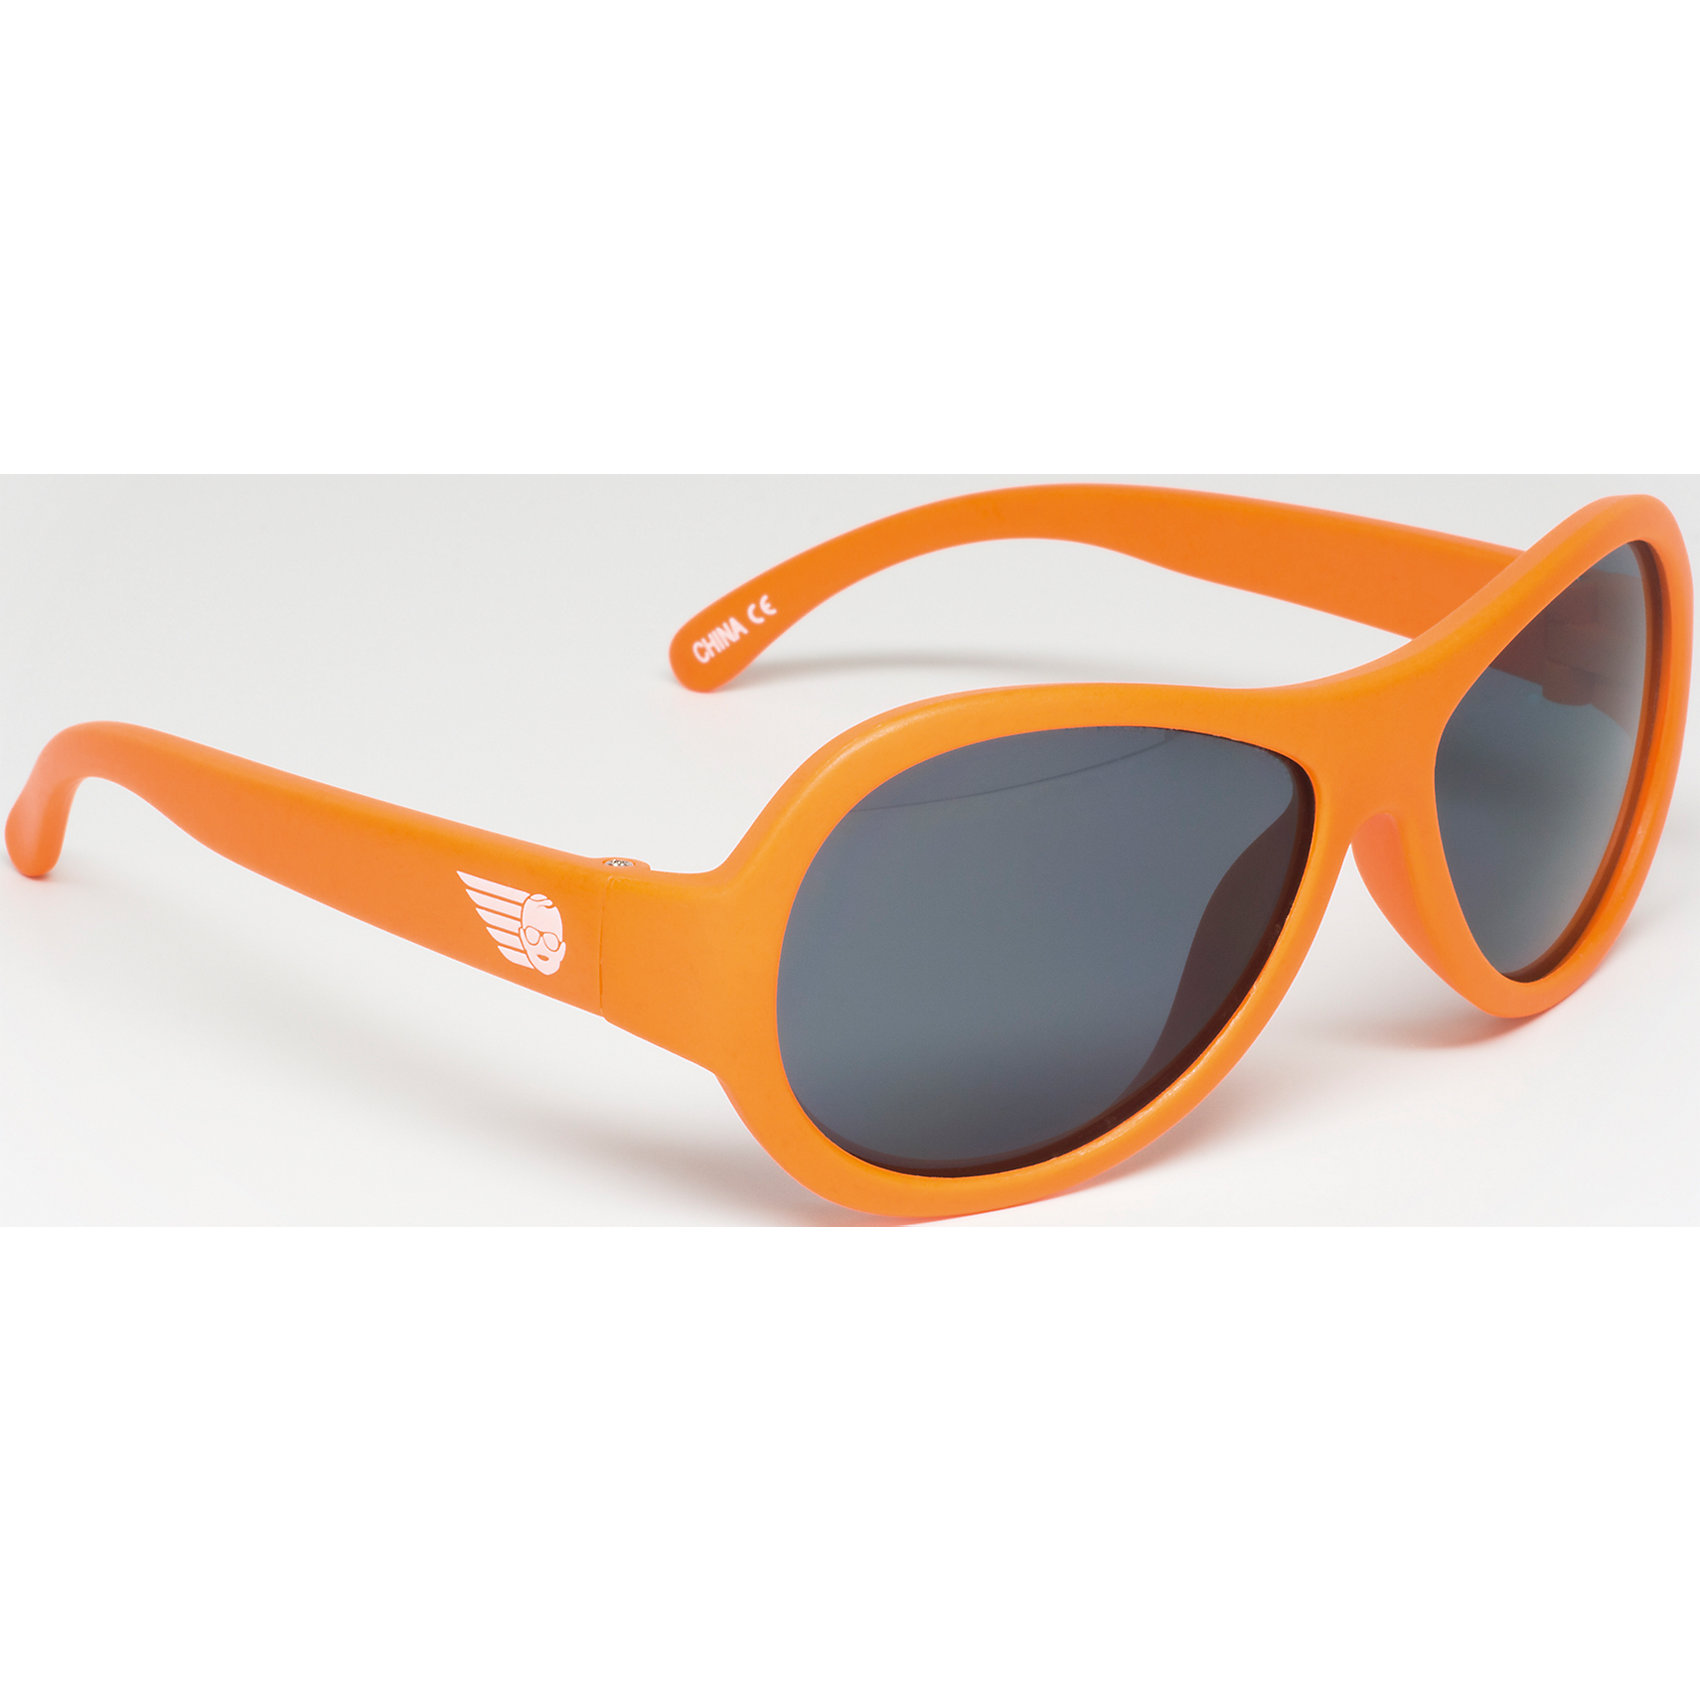 Солнцезащитные очки Babiators OriginalЗащита глаз всегда в моде.<br>Вы делаете все возможное, чтобы ваши дети были здоровы и в безопасности. Шлемы для езды на велосипеде, солнцезащитный крем для прогулок на солнце. Но как насчёт влияния солнца на глазах вашего ребёнка? Правда в том, что сетчатка глаза у детей развивается вместе с самим ребёнком. Это означает, что глаза малышей не могут отфильтровать УФ-излучение. Добавьте к этому тот факт, что дети за год получают трёхкратную дозу солнечного воздействия на взрослого человека (доклад Vision Council Report 2013, США). Проблема понятна - детям нужна настоящая защита, чтобы глазка были в безопасности, а зрение сильным.<br>Каждая пара солнцезащитных очков Babiators для детей обеспечивает 100% защиту от UVA и UVB. Прочные линзы высшего качества не подведут в самых сложных переделках. Будьте уверены, что очки Babiators созданы безопасными, прочными и классными, так что вы и ваш маленький лётчик можете приступать к своим приключениям!<br><br>• Прочная, гибкая прорезиненная оправа;<br>• 100 % защита от UVA и UVB солнечных лучей;<br>• Ударопрочные линзы;<br>• Стильные: выбор многих голливудских звёзд.<br><br>Ширина мм: 170<br>Глубина мм: 157<br>Высота мм: 67<br>Вес г: 117<br>Возраст от месяцев: 36<br>Возраст до месяцев: 84<br>Пол: Унисекс<br>Возраст: Детский<br>SKU: 4766978